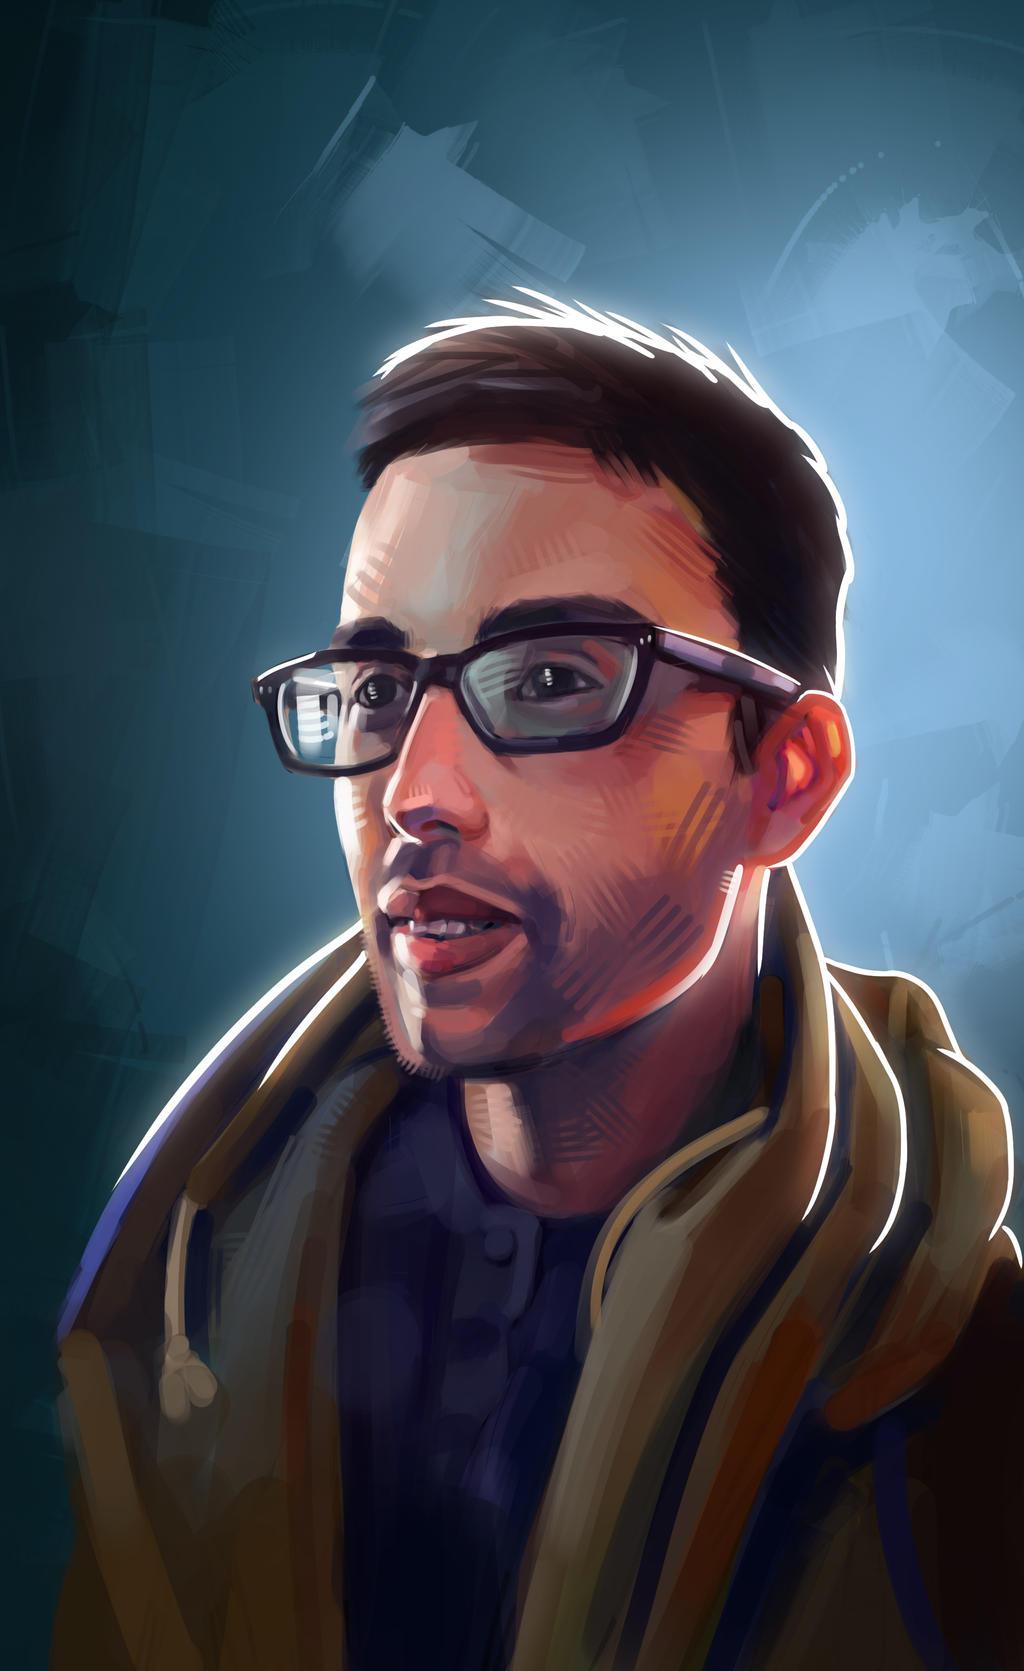 Self Portrait by Vangega